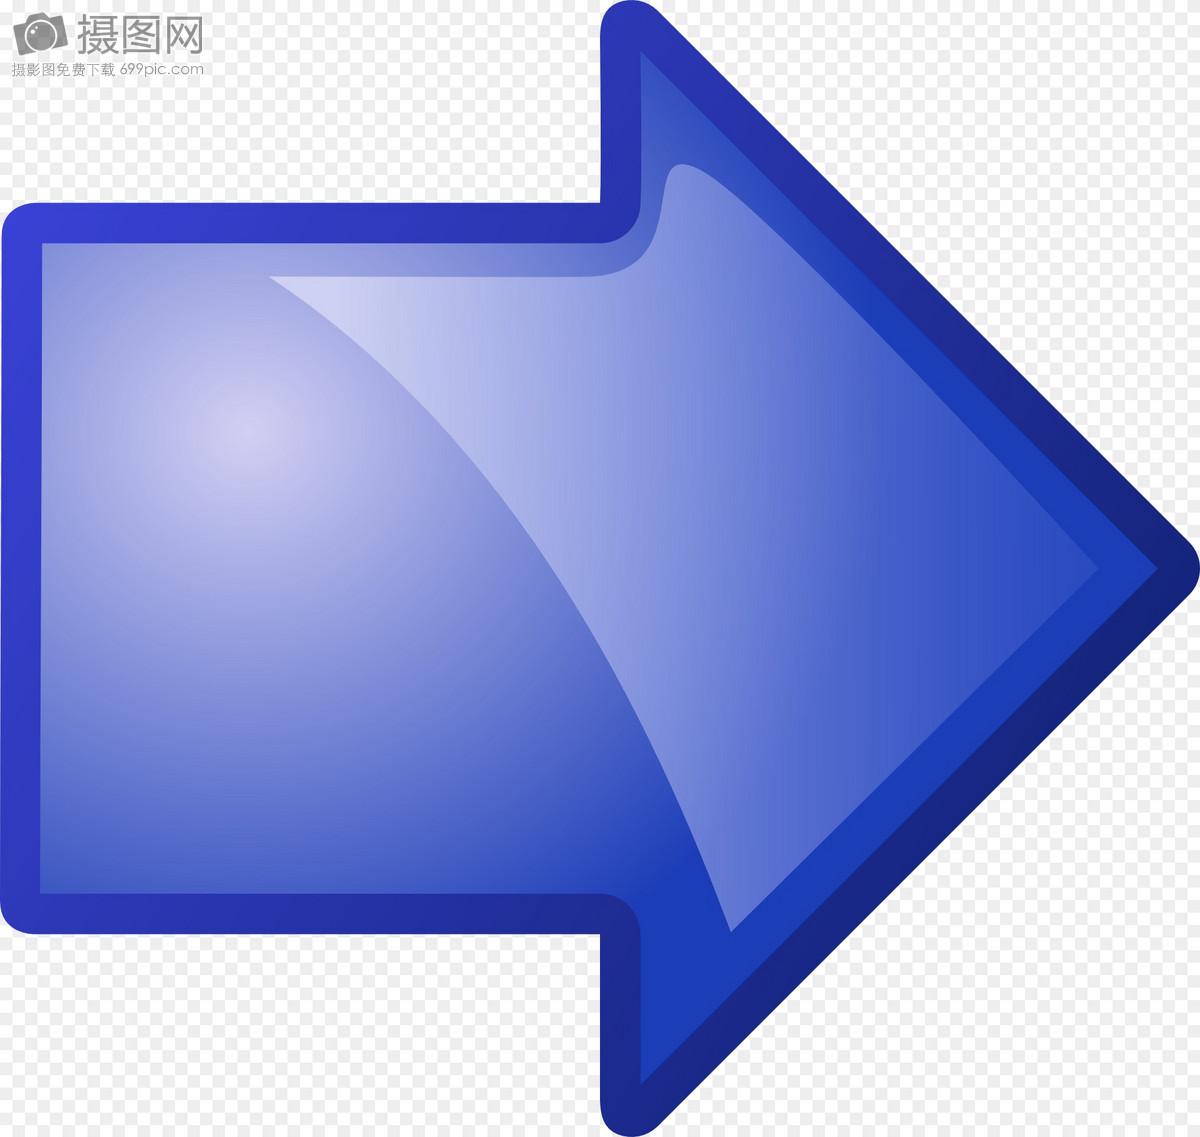 蓝色向右的箭头图标